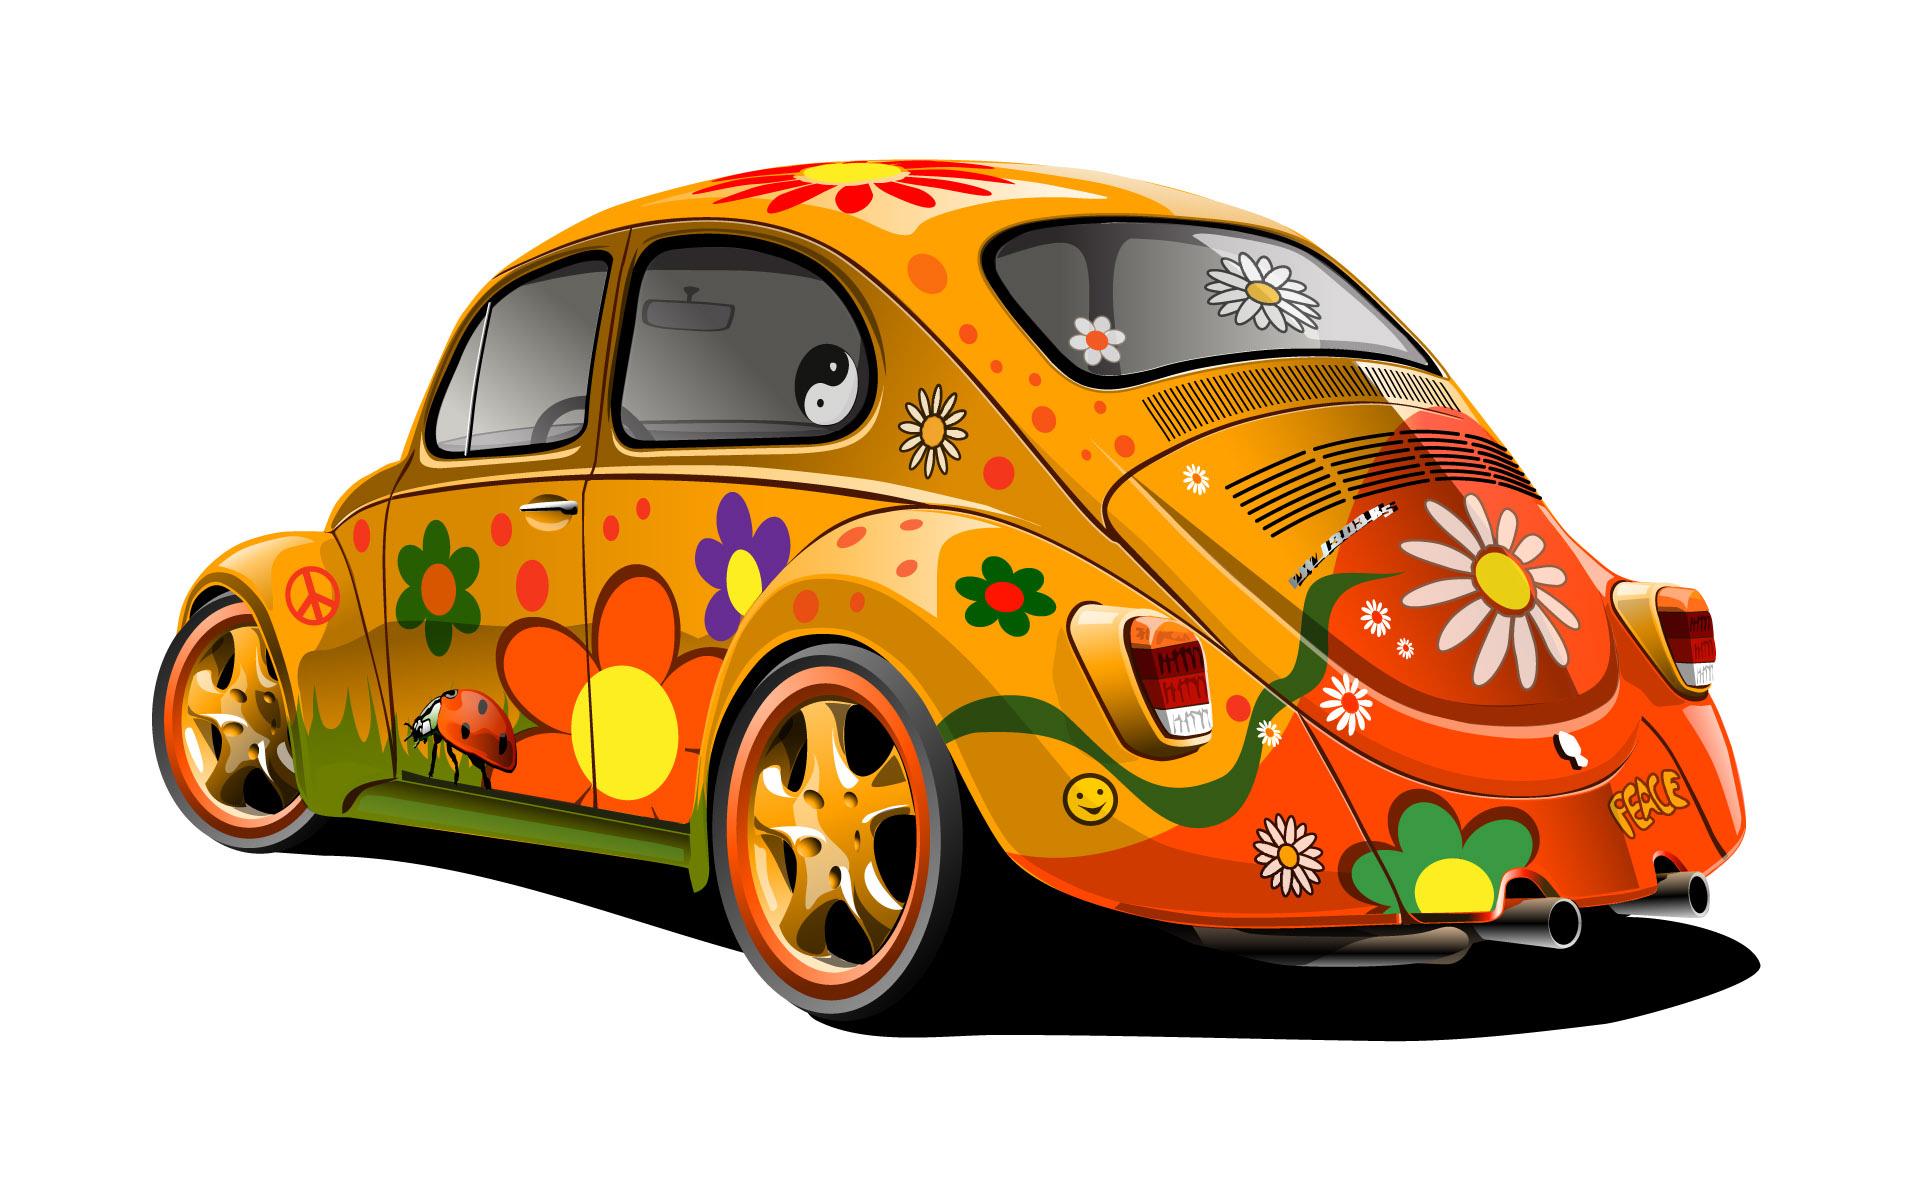 Volkswagen Beetle Wallpapers   Vdub Newscom 1920x1200